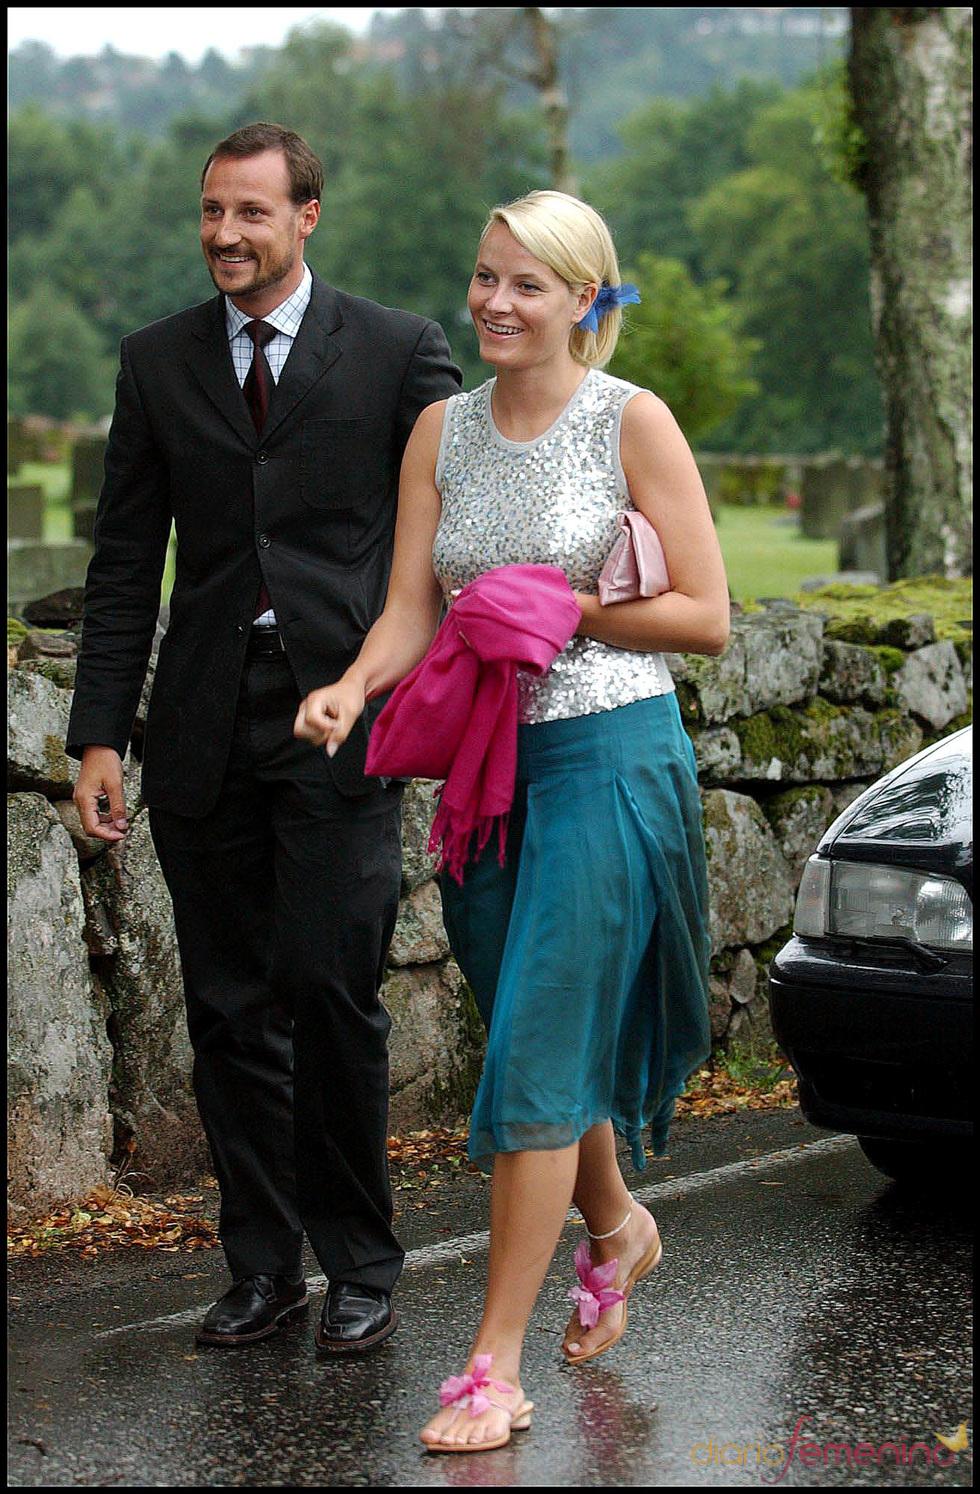 Mette-Marit y Haakon de Noruega en la boda de unos amigos